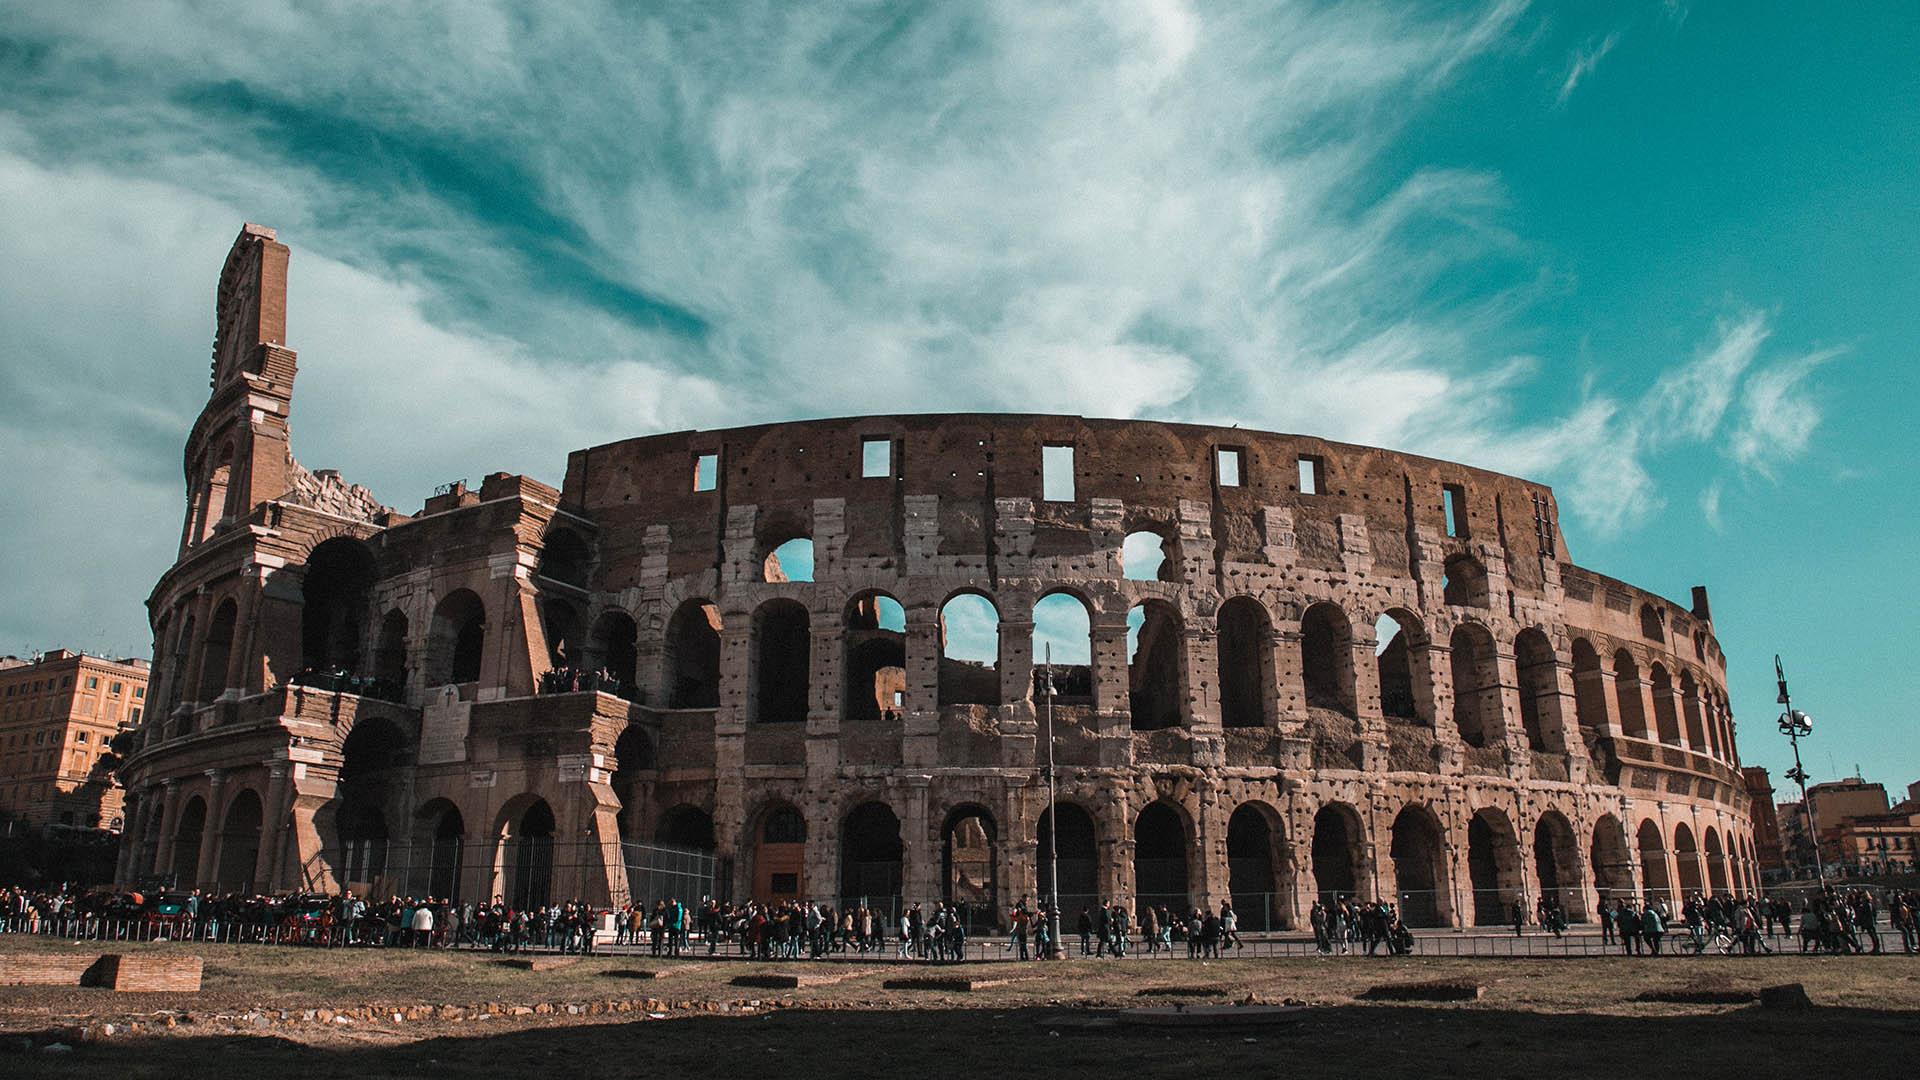 Satelliti droni 5g Roma: la tutela del centro storico passa da qui